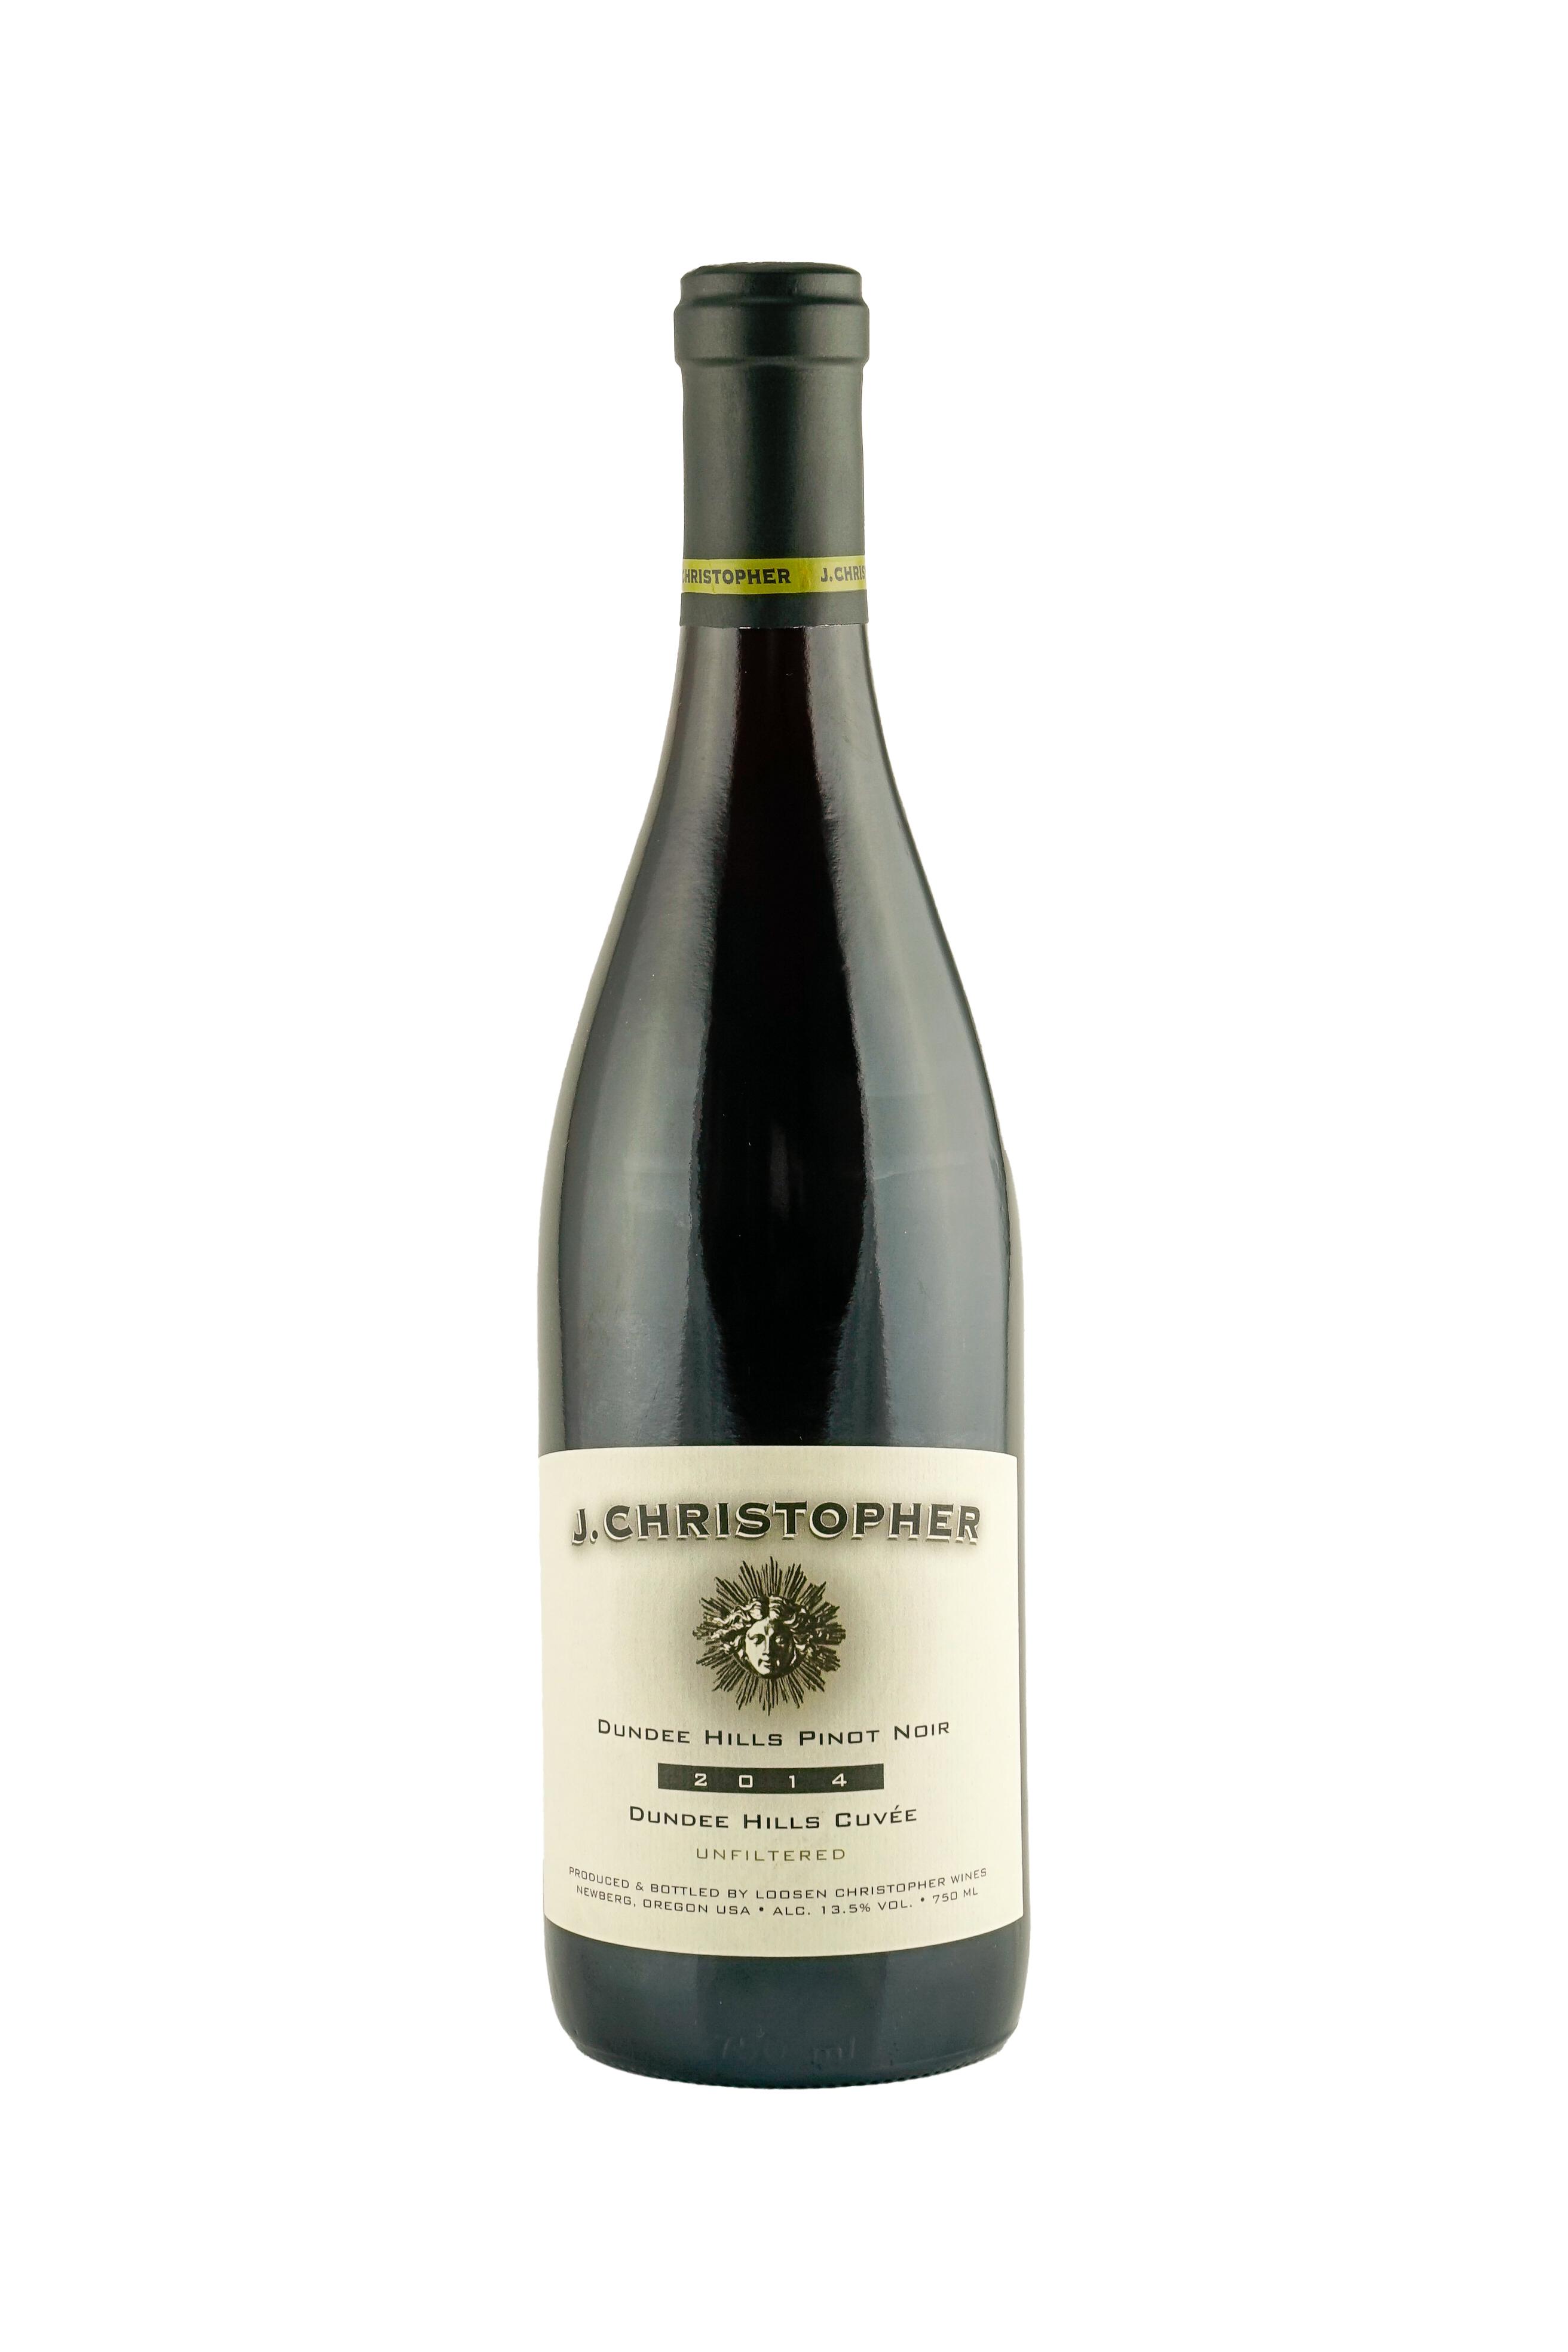 2014 J. Christopher Dundee Hills Pinot Noir